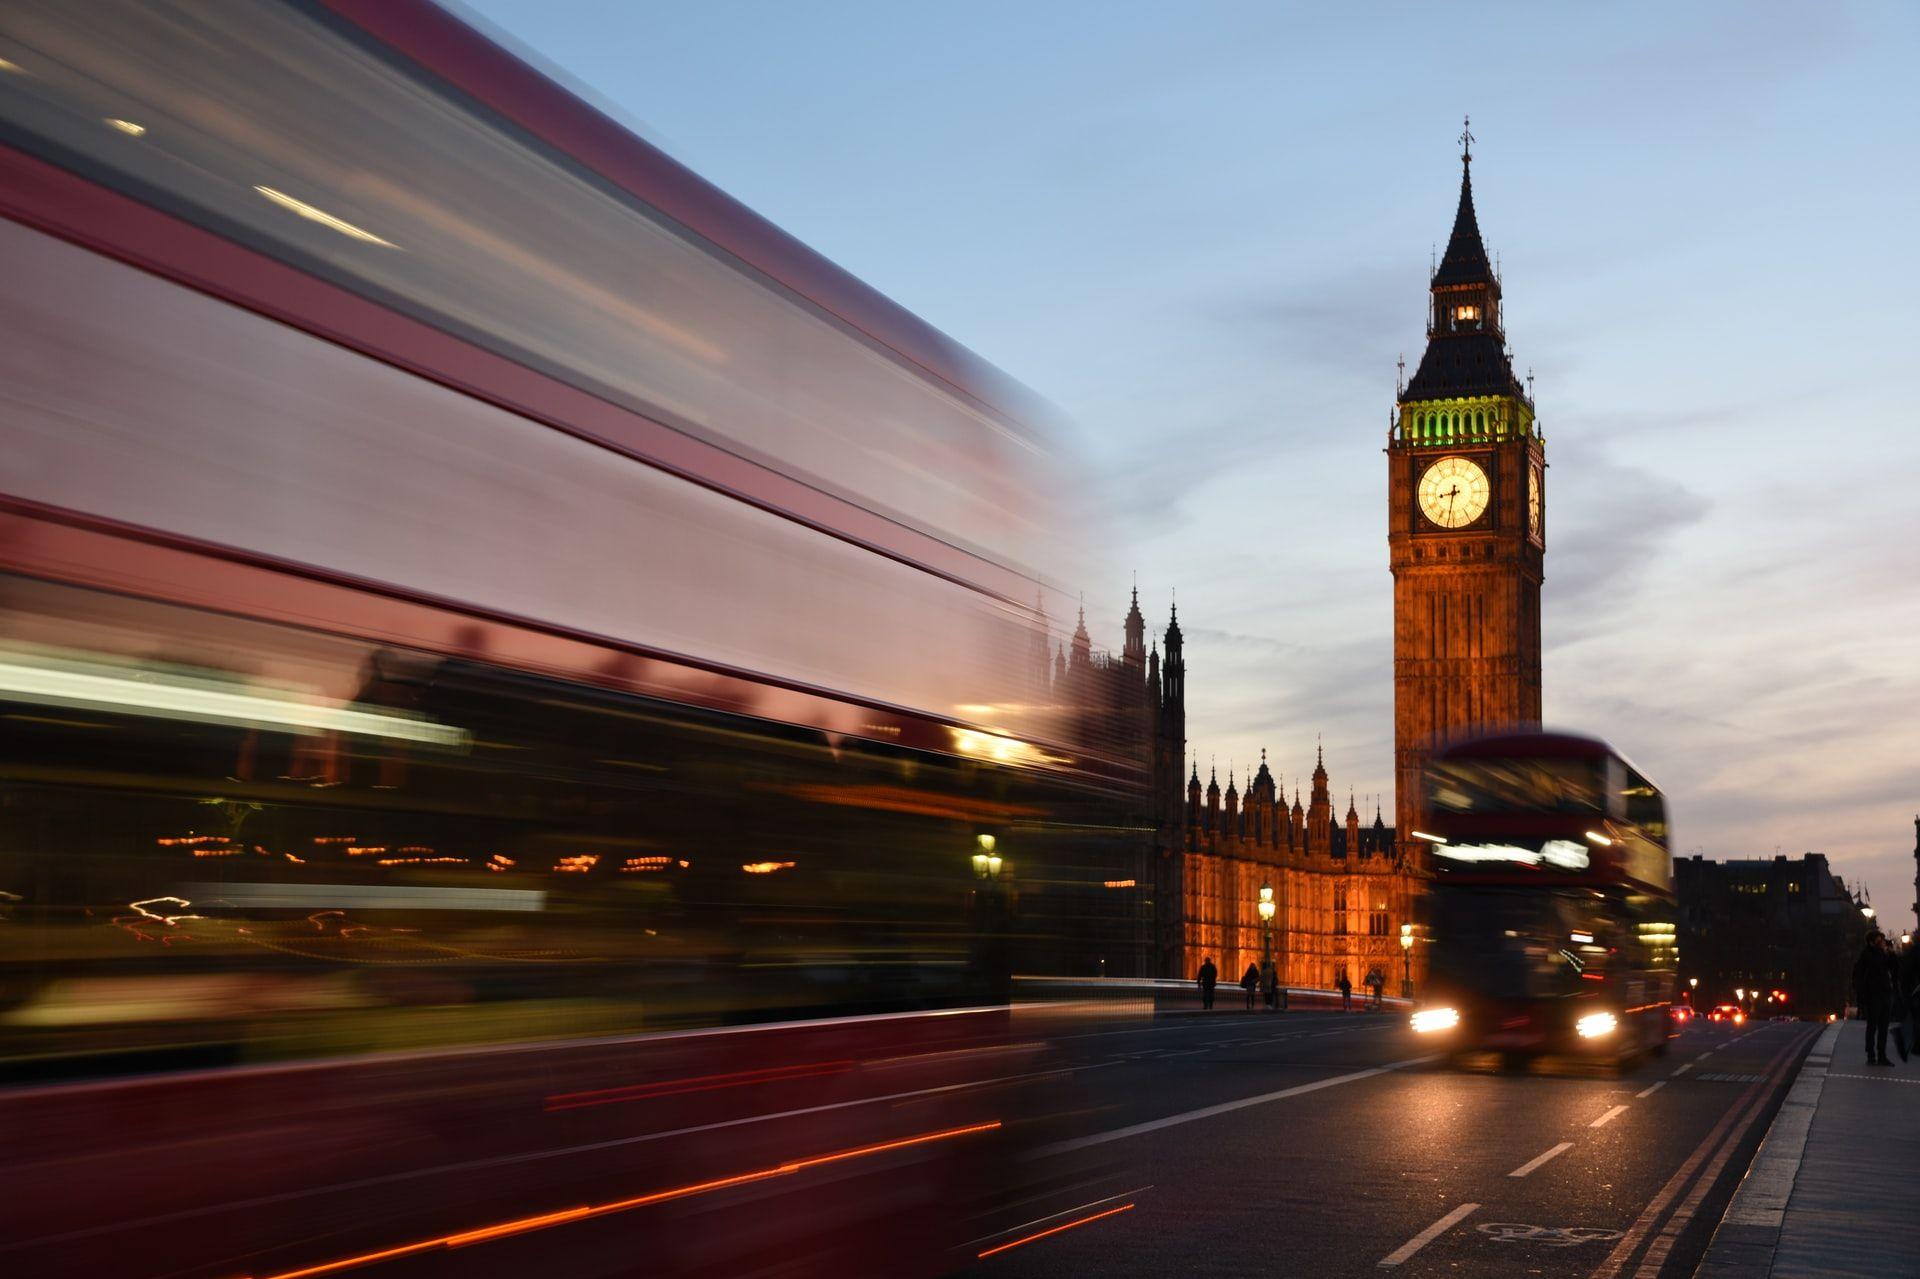 Великобритания приняла правила цифровой конкуренции